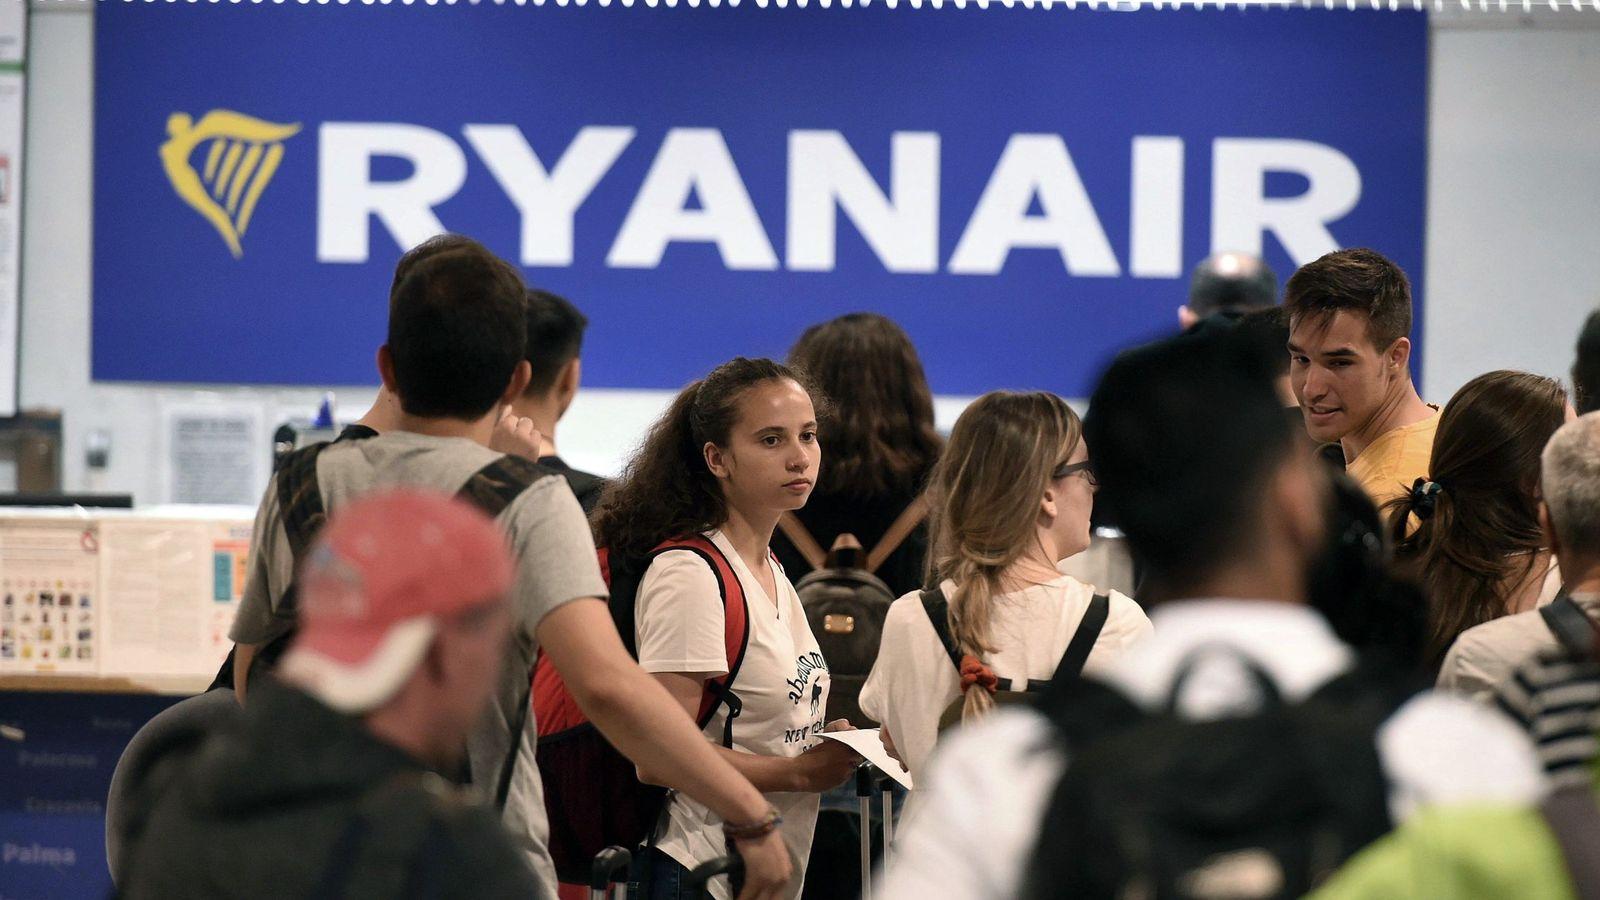 Foto: Usuarios de la aerolínea Ryanair esperan en los mostradores de facturación de la aerolínea de la Terminal 1 del aeropuerto Adolfo Suárez Madrid-Barajas. (EFE)